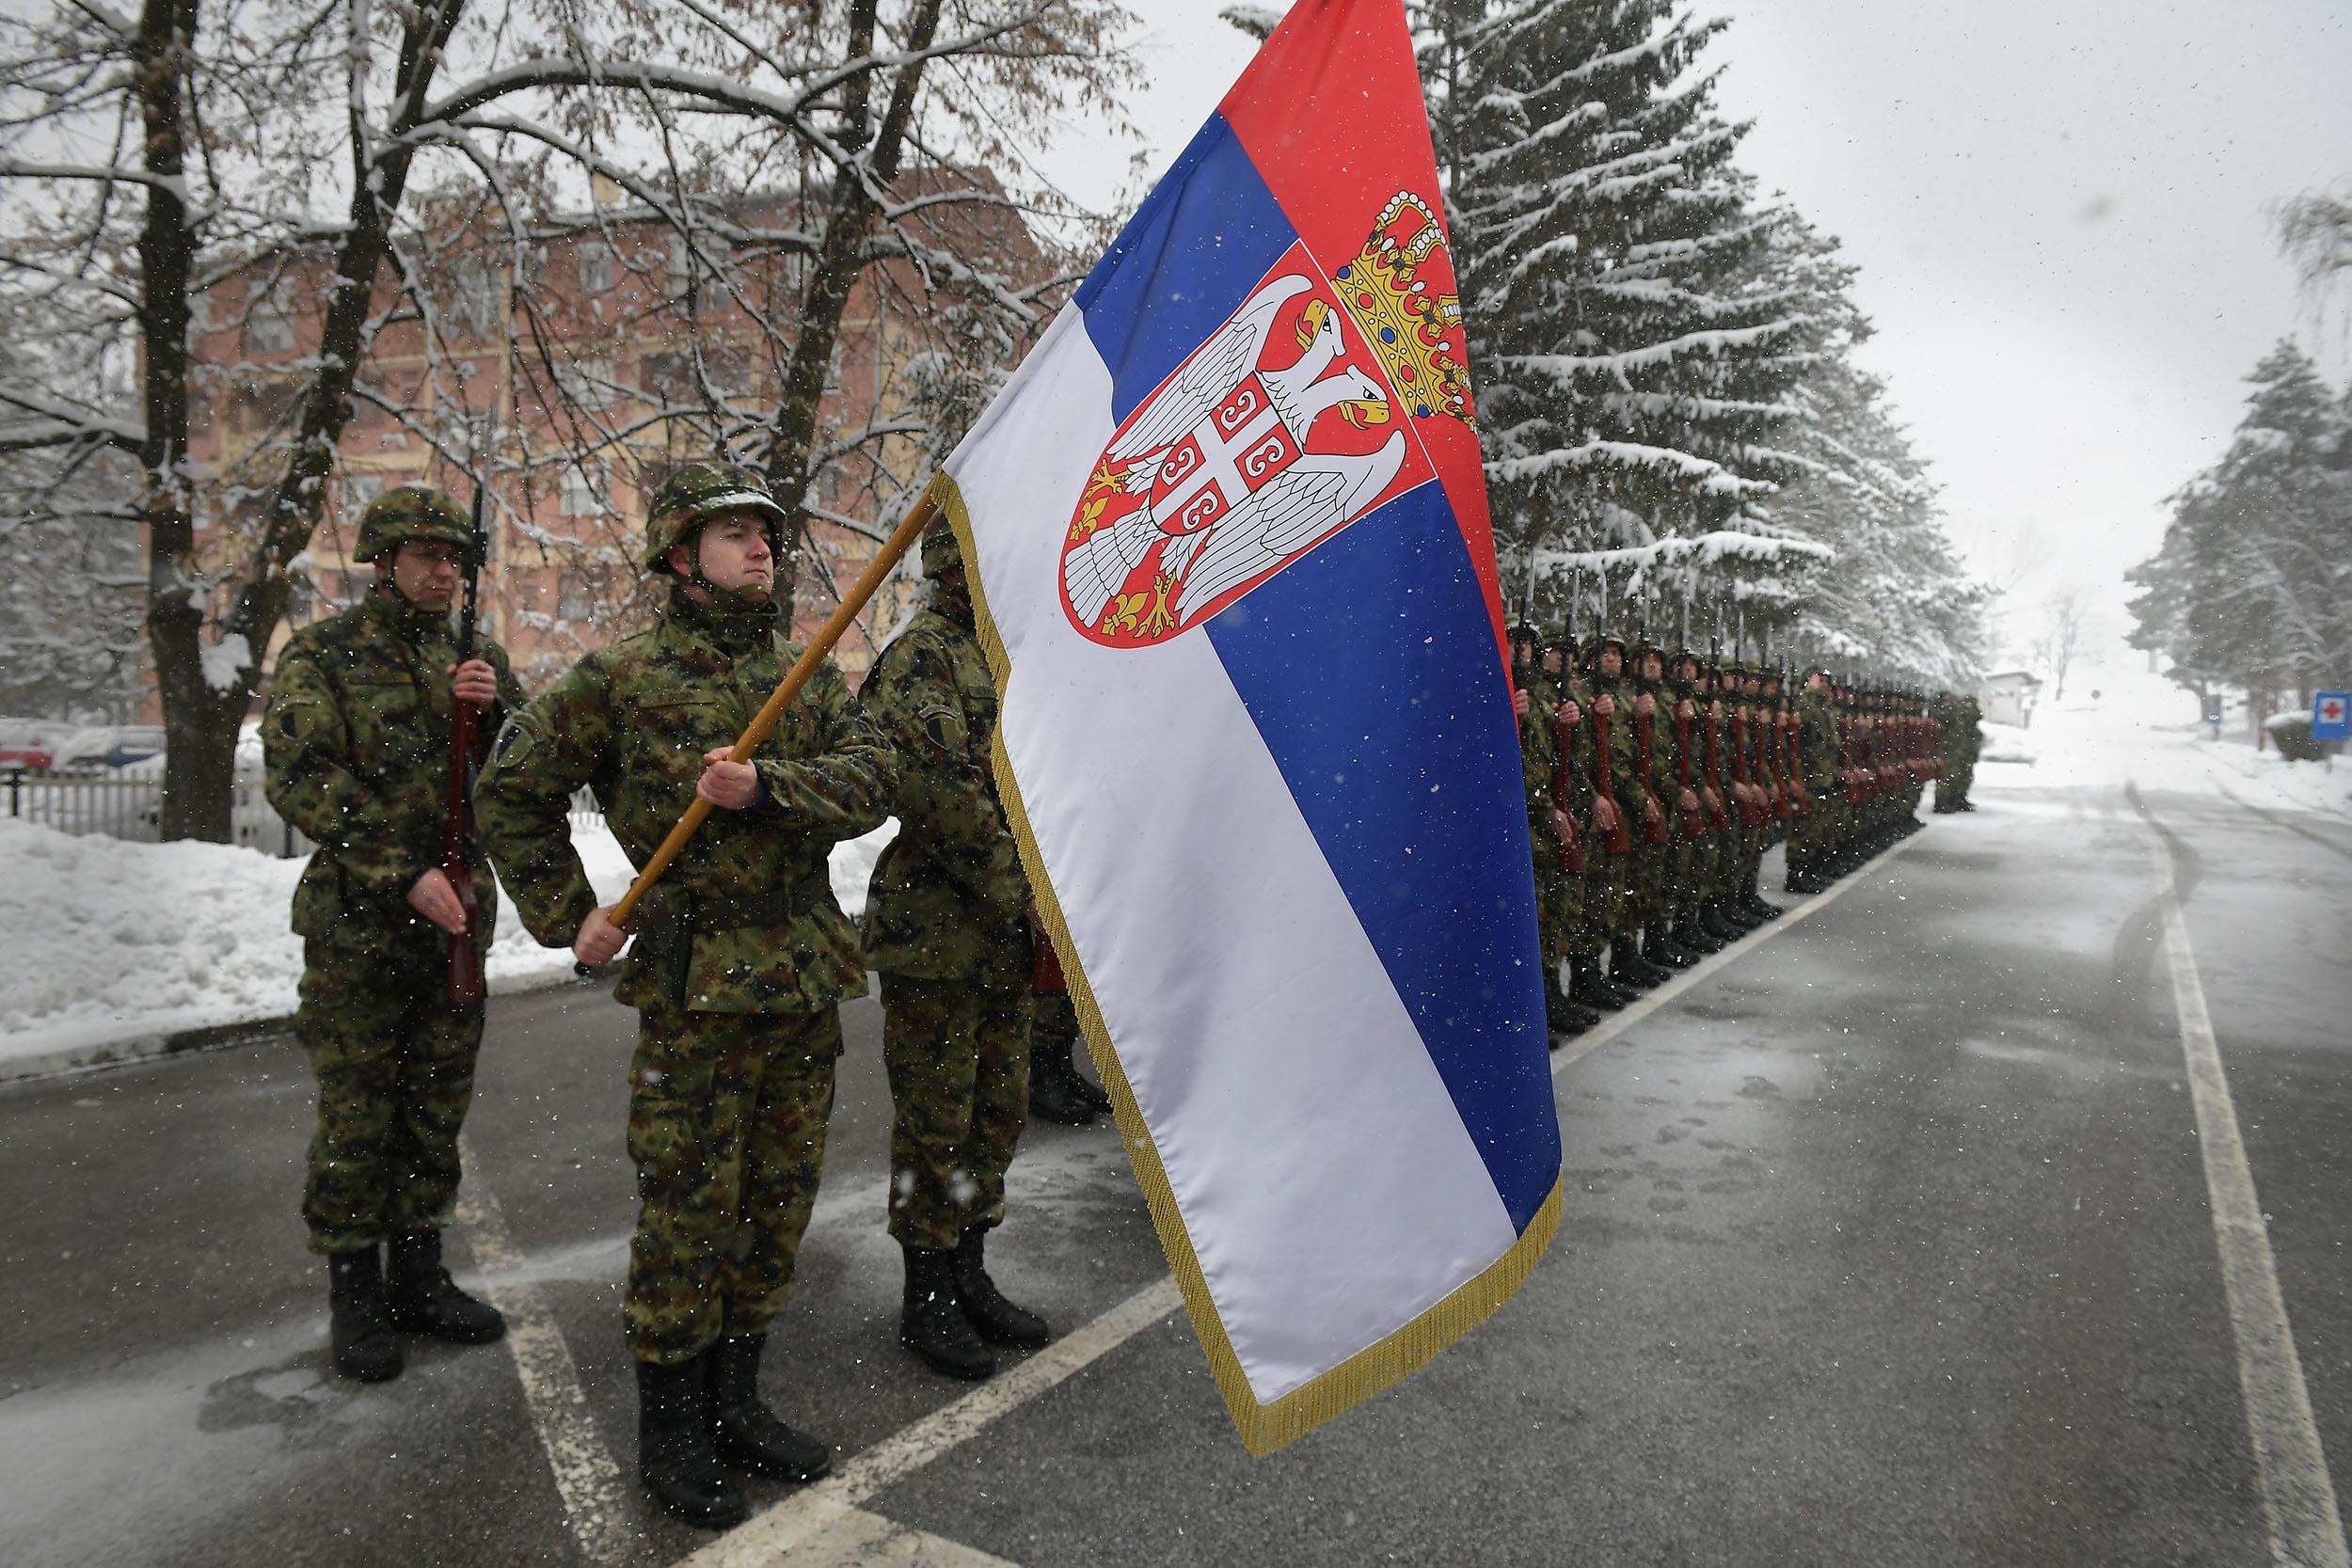 Obuka vojnika na služenju vojnog roka višem nivou